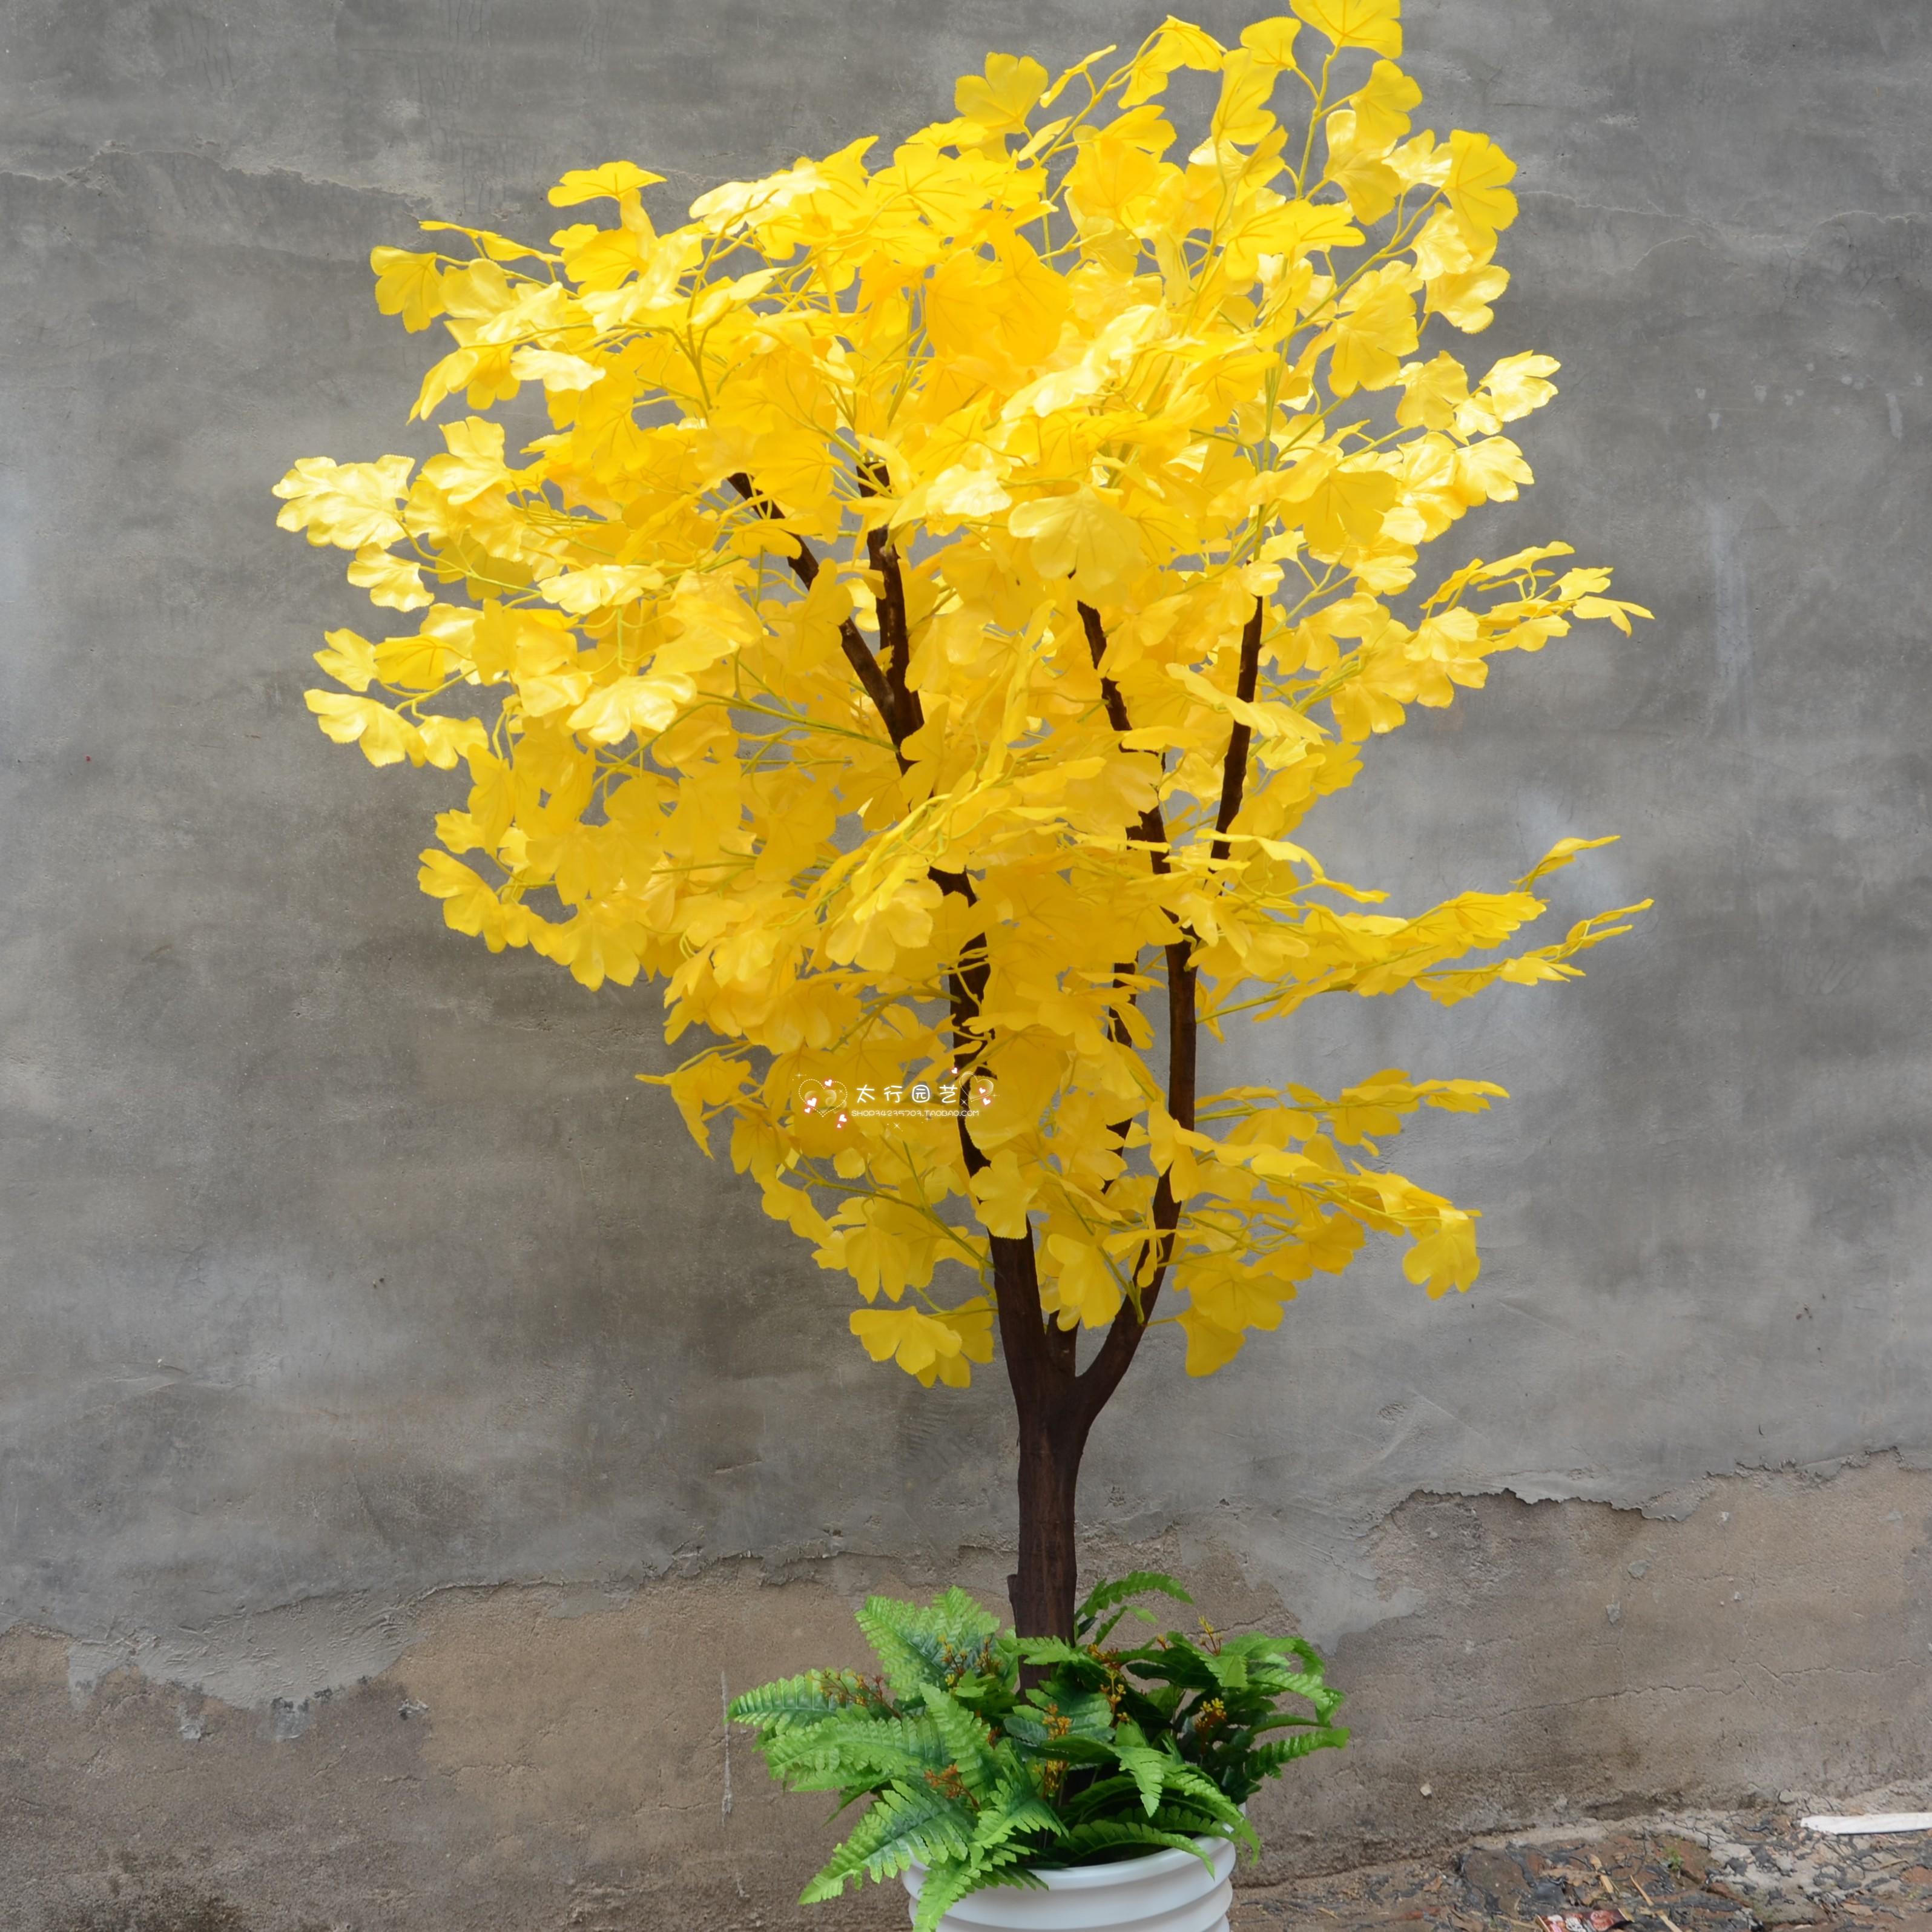 仿真花落地假银杏树婚庆道具黄色金色银杏树 仿真树专业定做图片